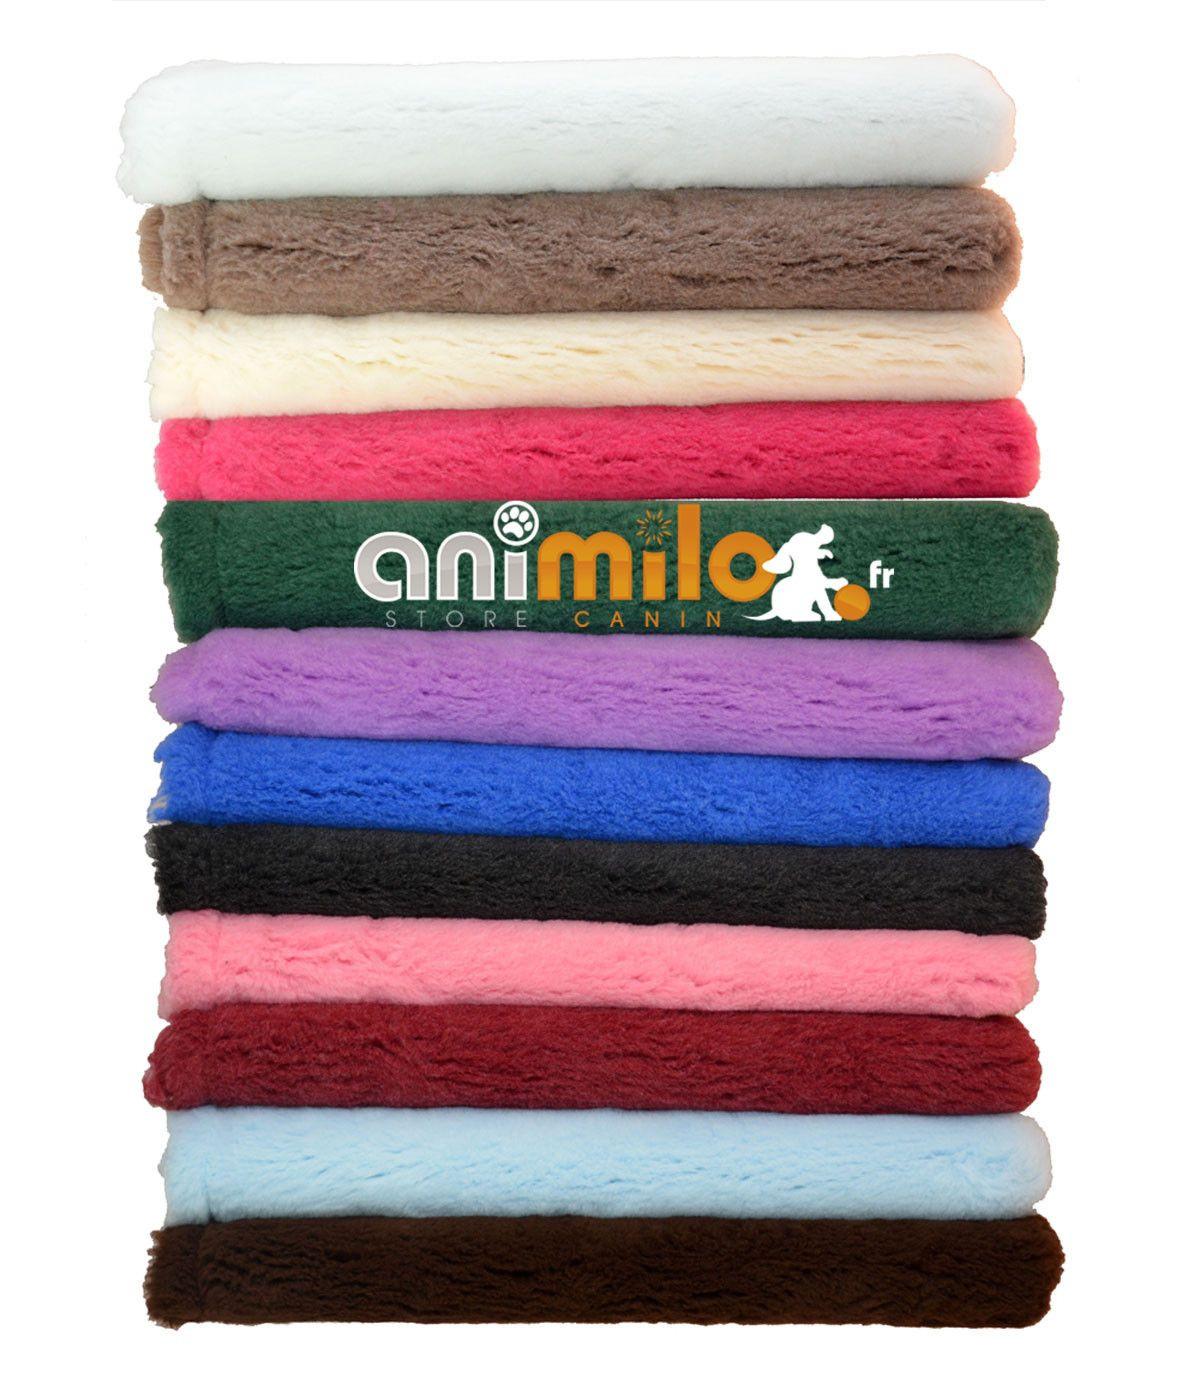 PROMO 4x tapis drainant Confortbed Eleveur couleur unie 26 mm